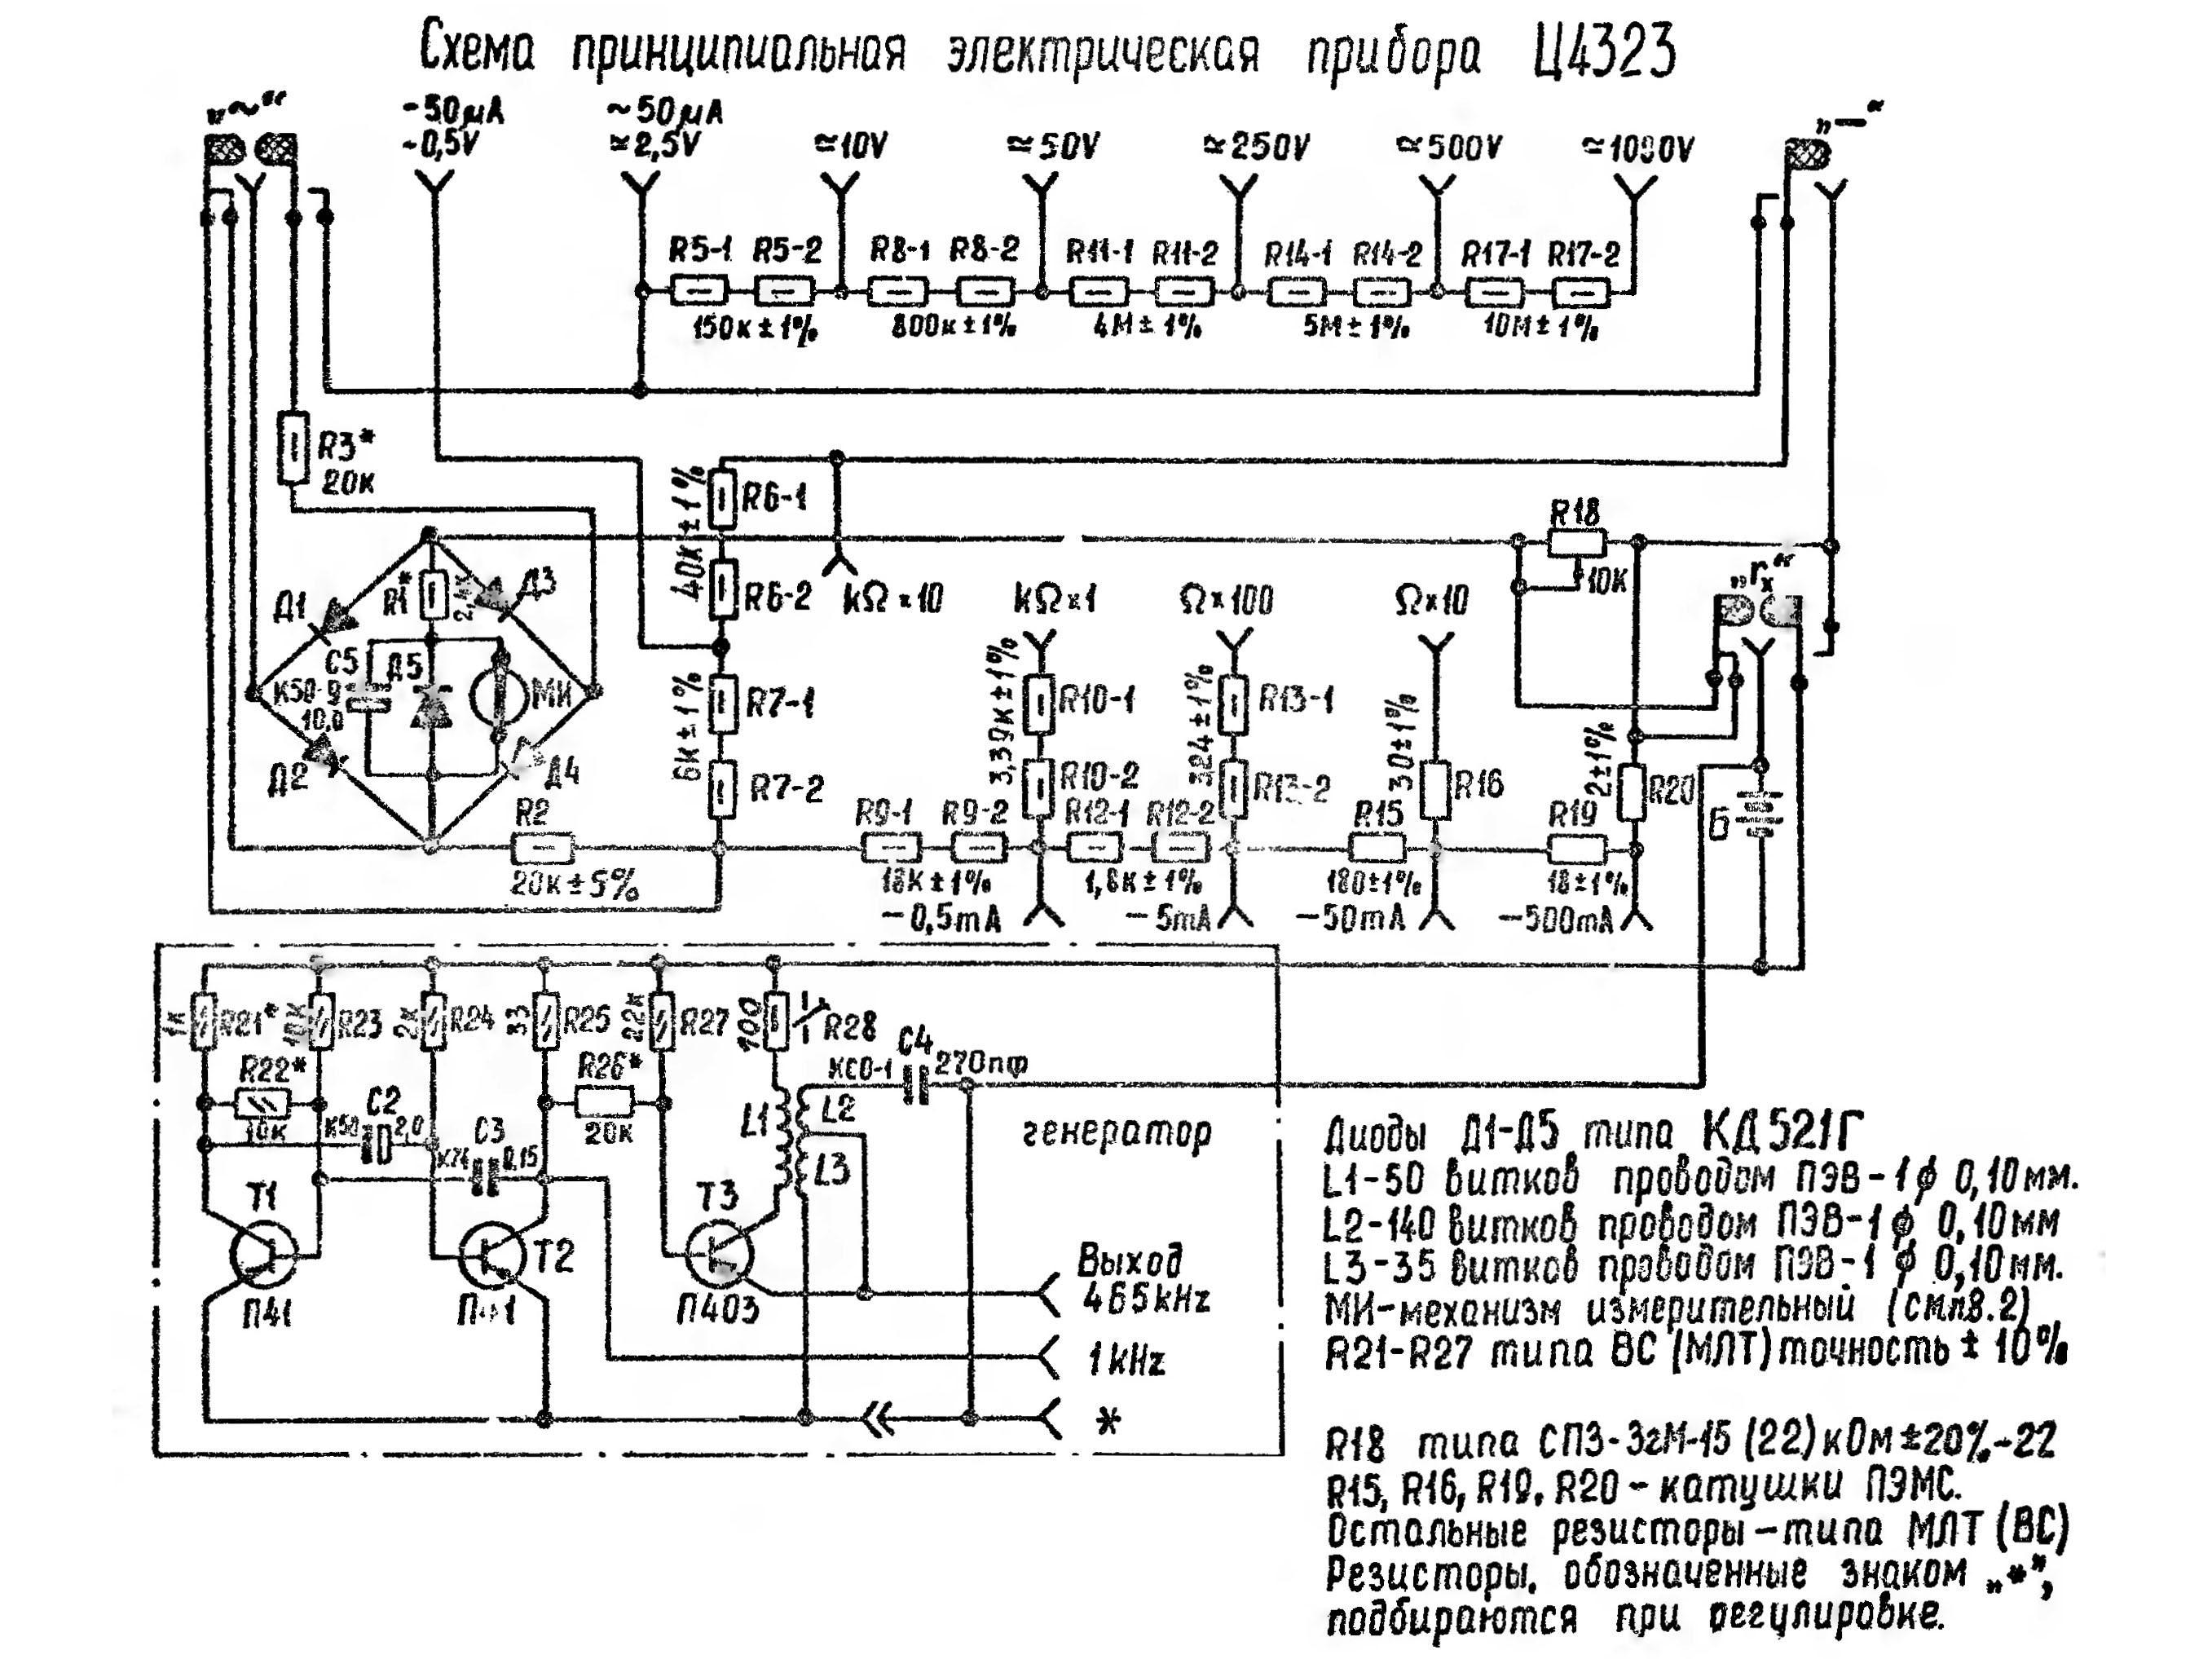 ремонт ц4317 схема